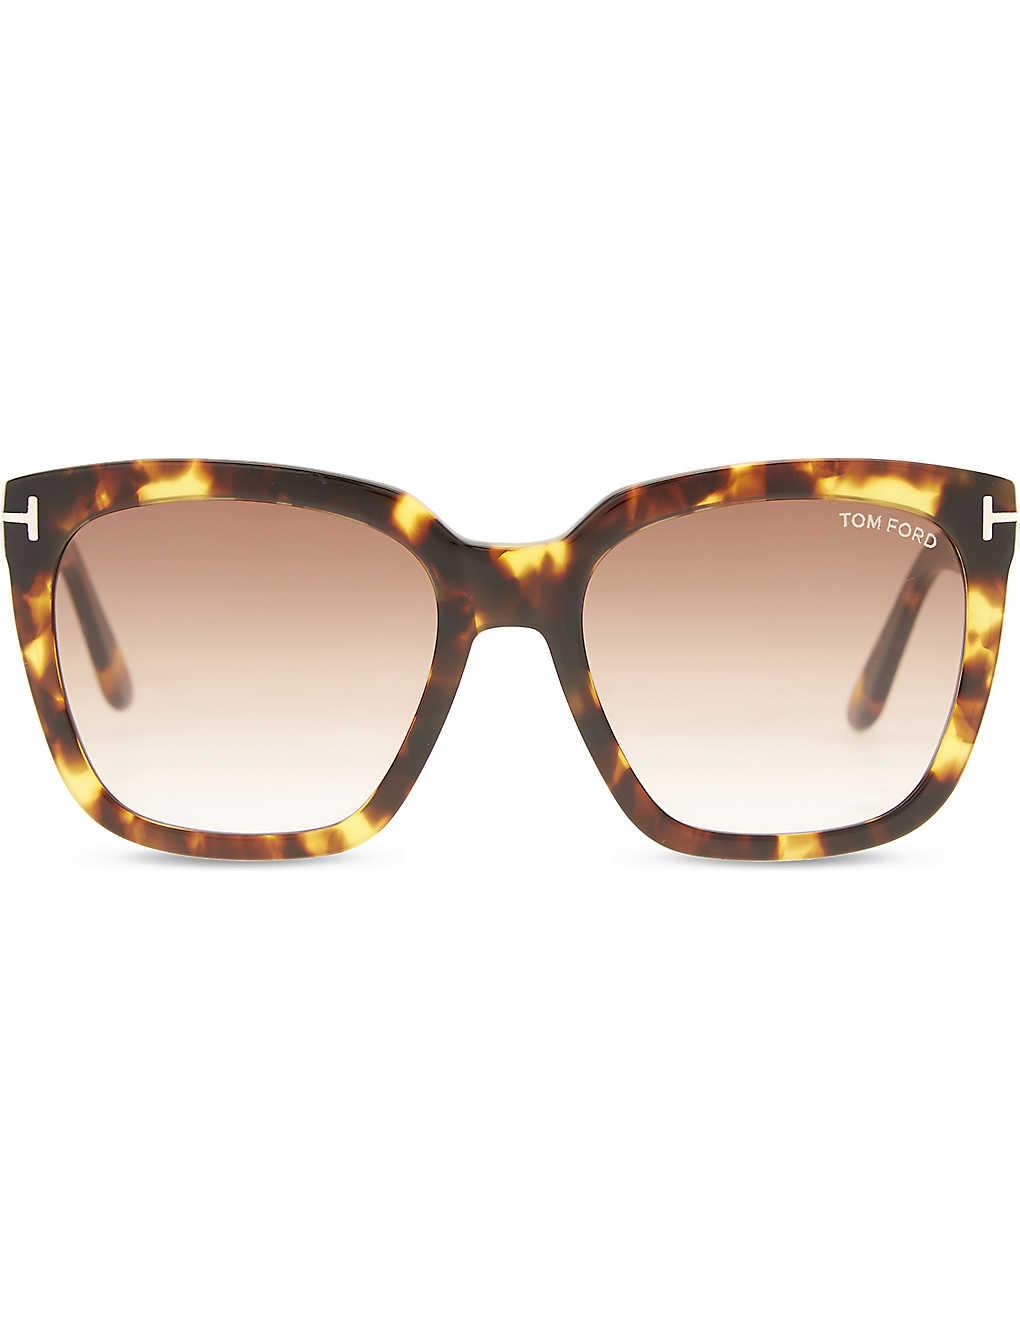 58285811630f2 TOM FORD - Amara square-frame sunglasses